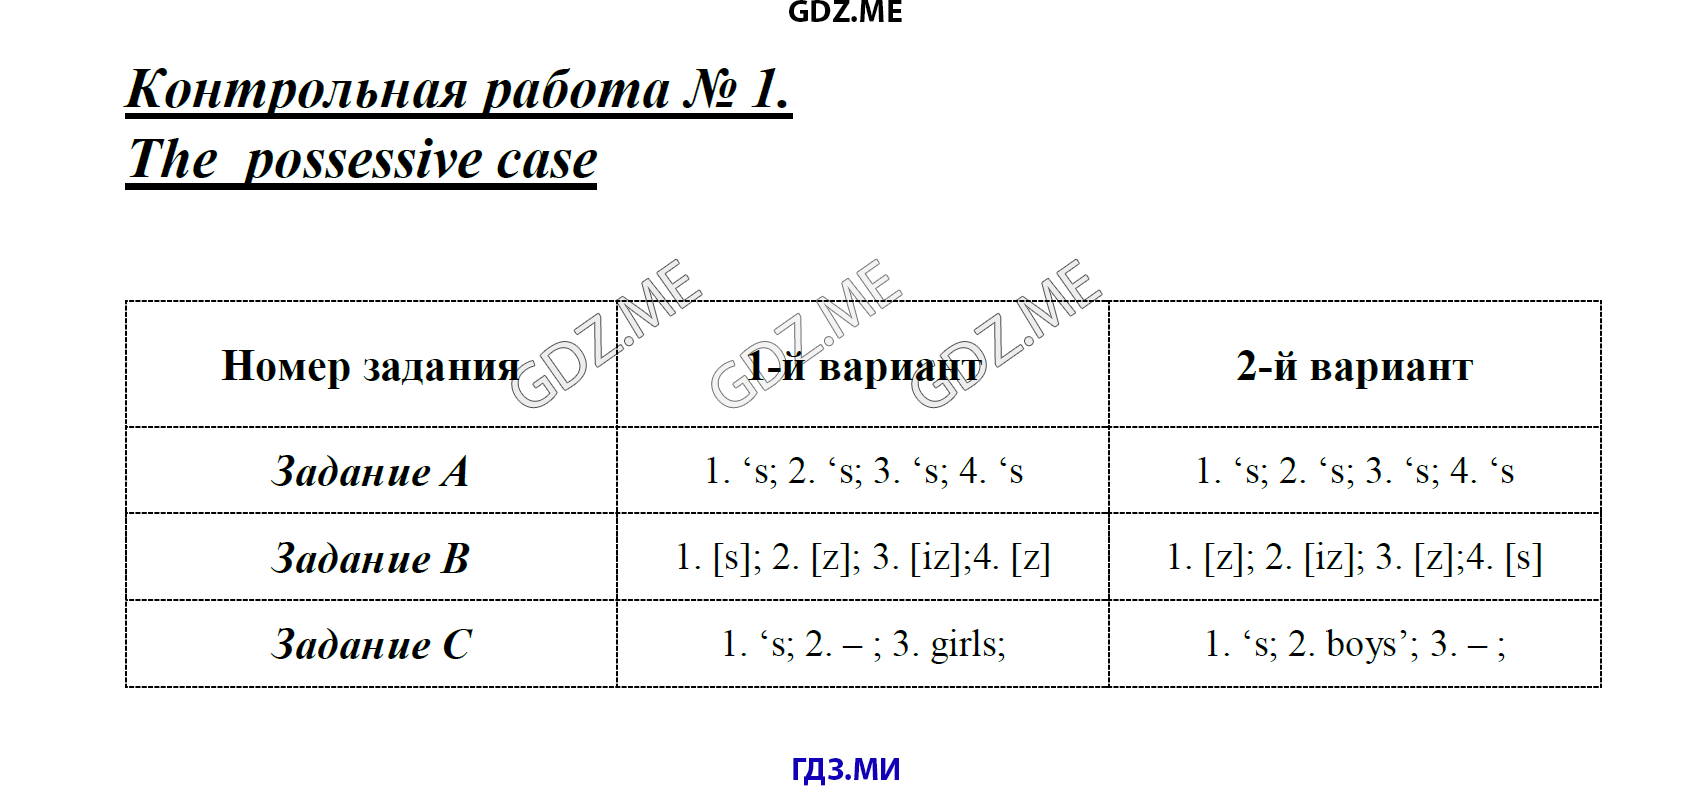 ГДЗ по английскому языку класс Кулинич контрольные работы решебник Контрольная работа 1 the possessive case Контрольная работа 4